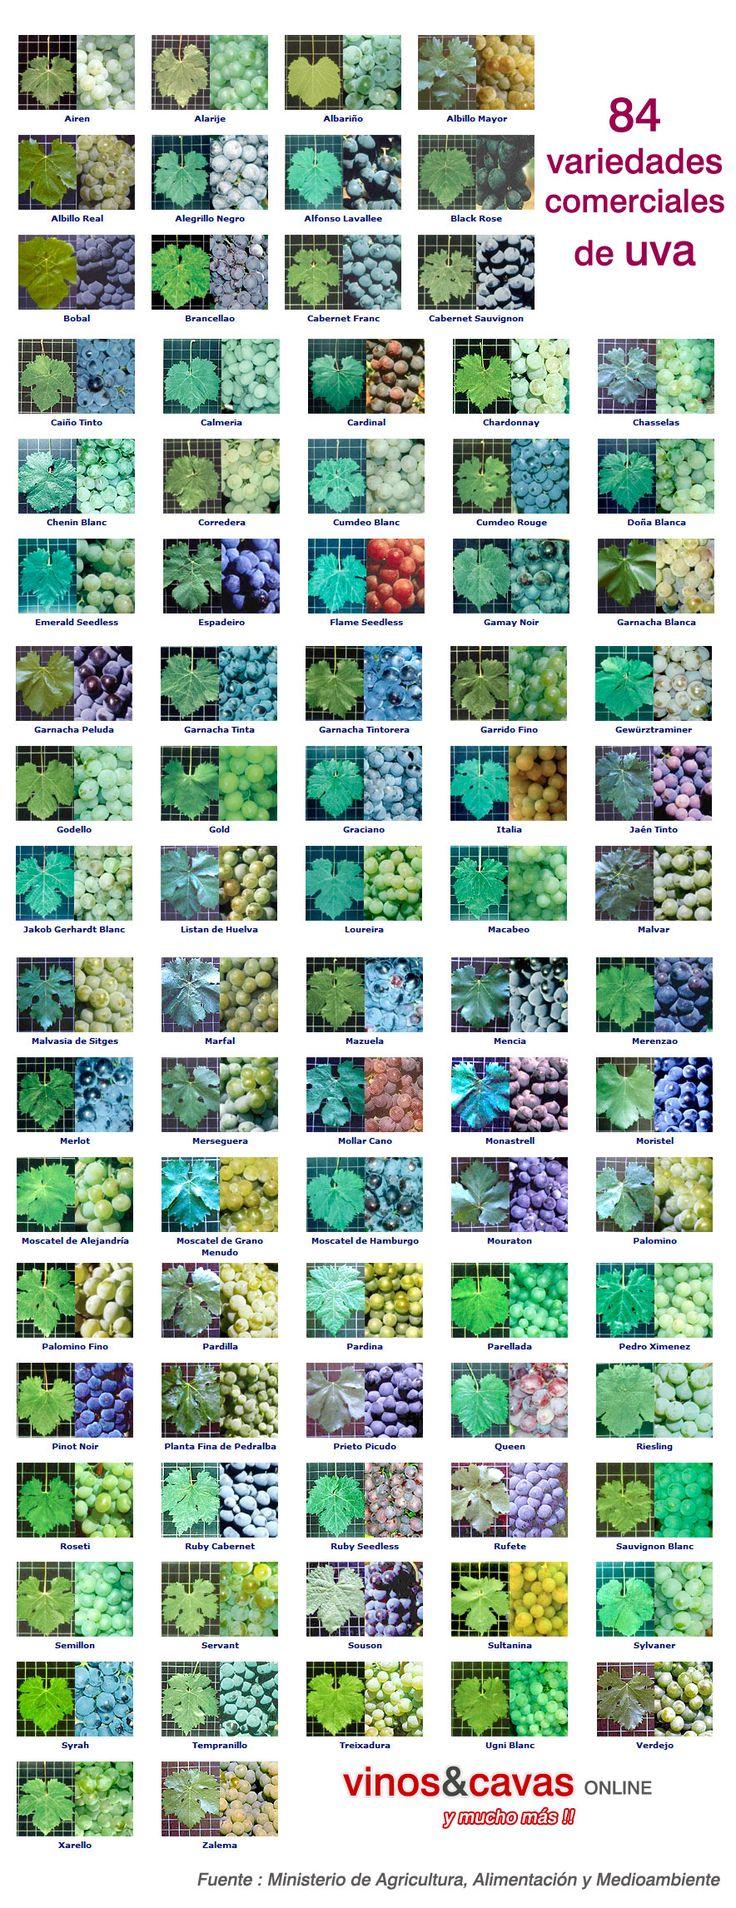 84 variedades de uva